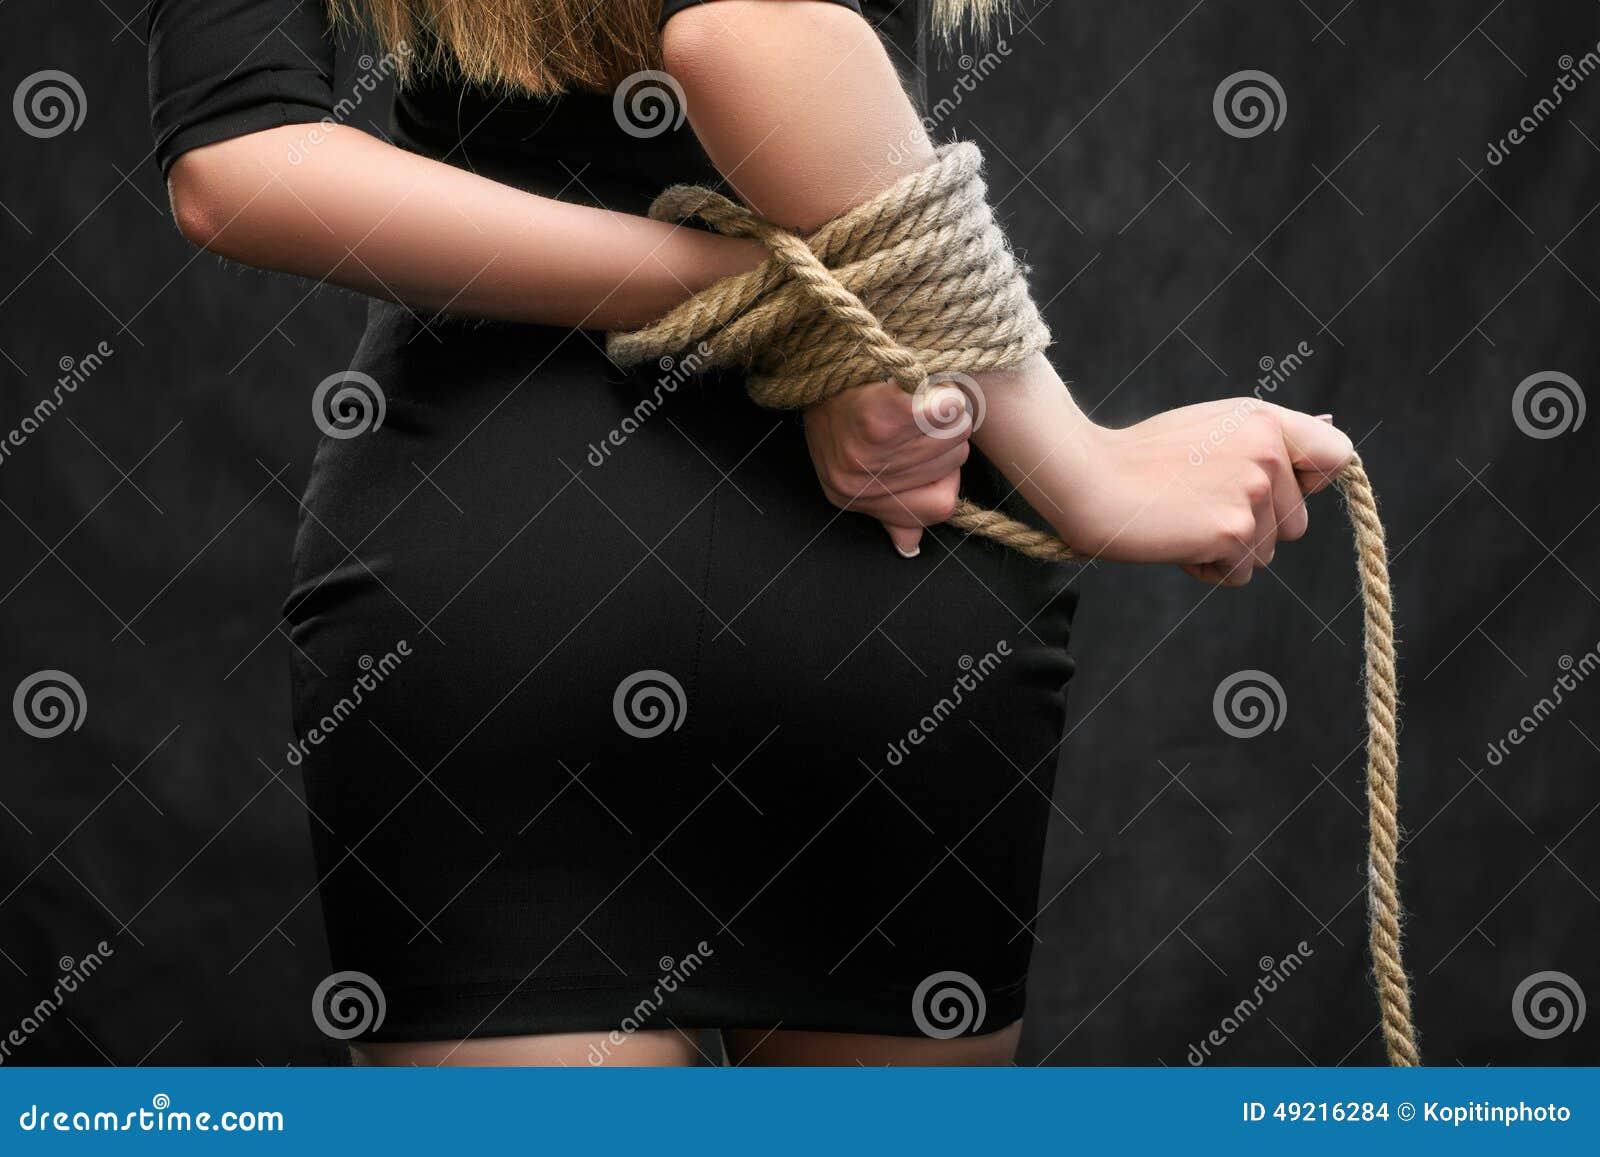 Похищение связанные девушка 8 фотография